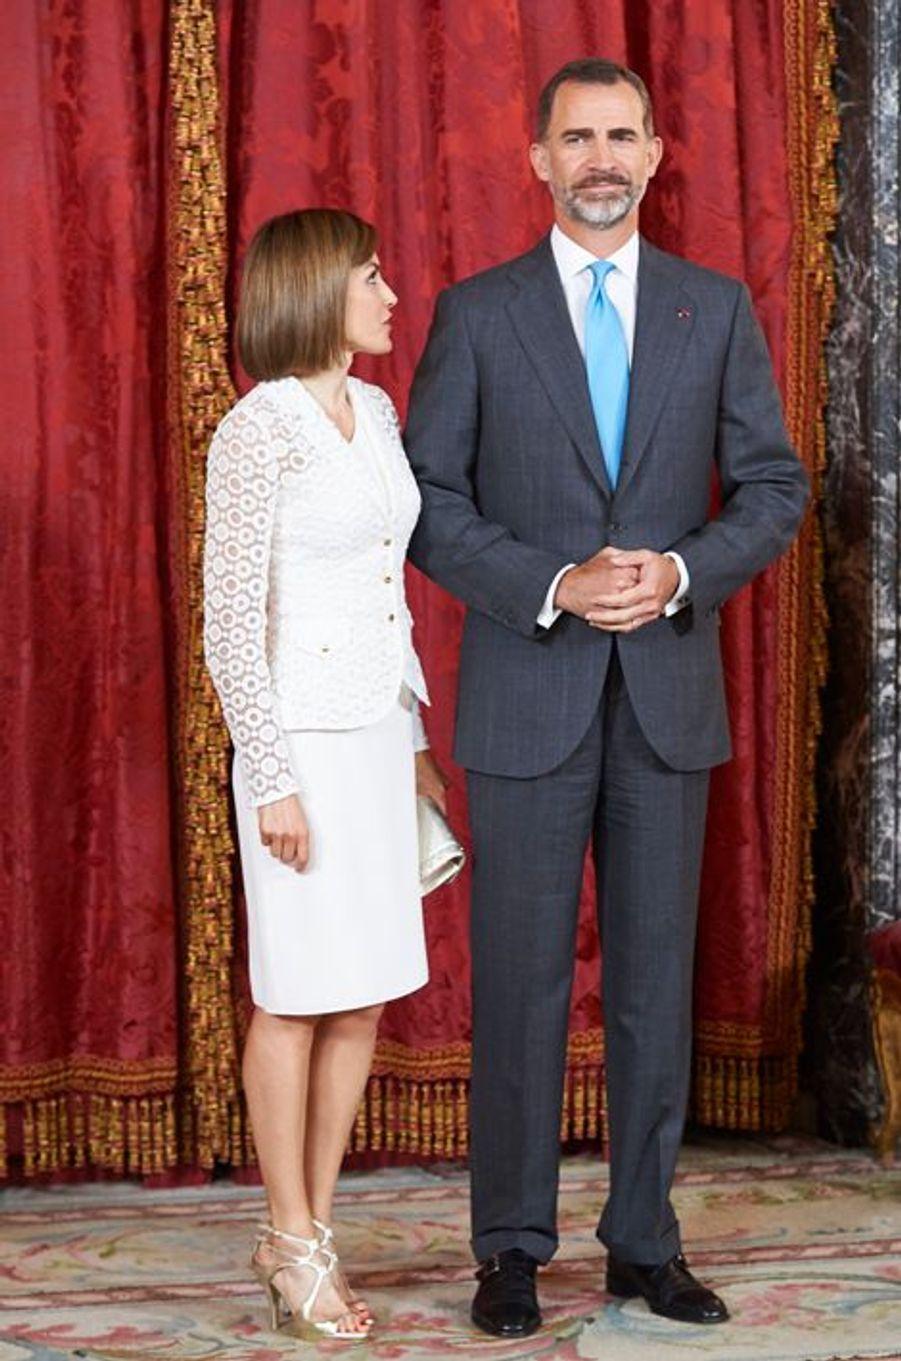 La reine Letizia et le roi Felipe VI d'Espagne au Palais royal à Madrid, le 13 juillet 2015